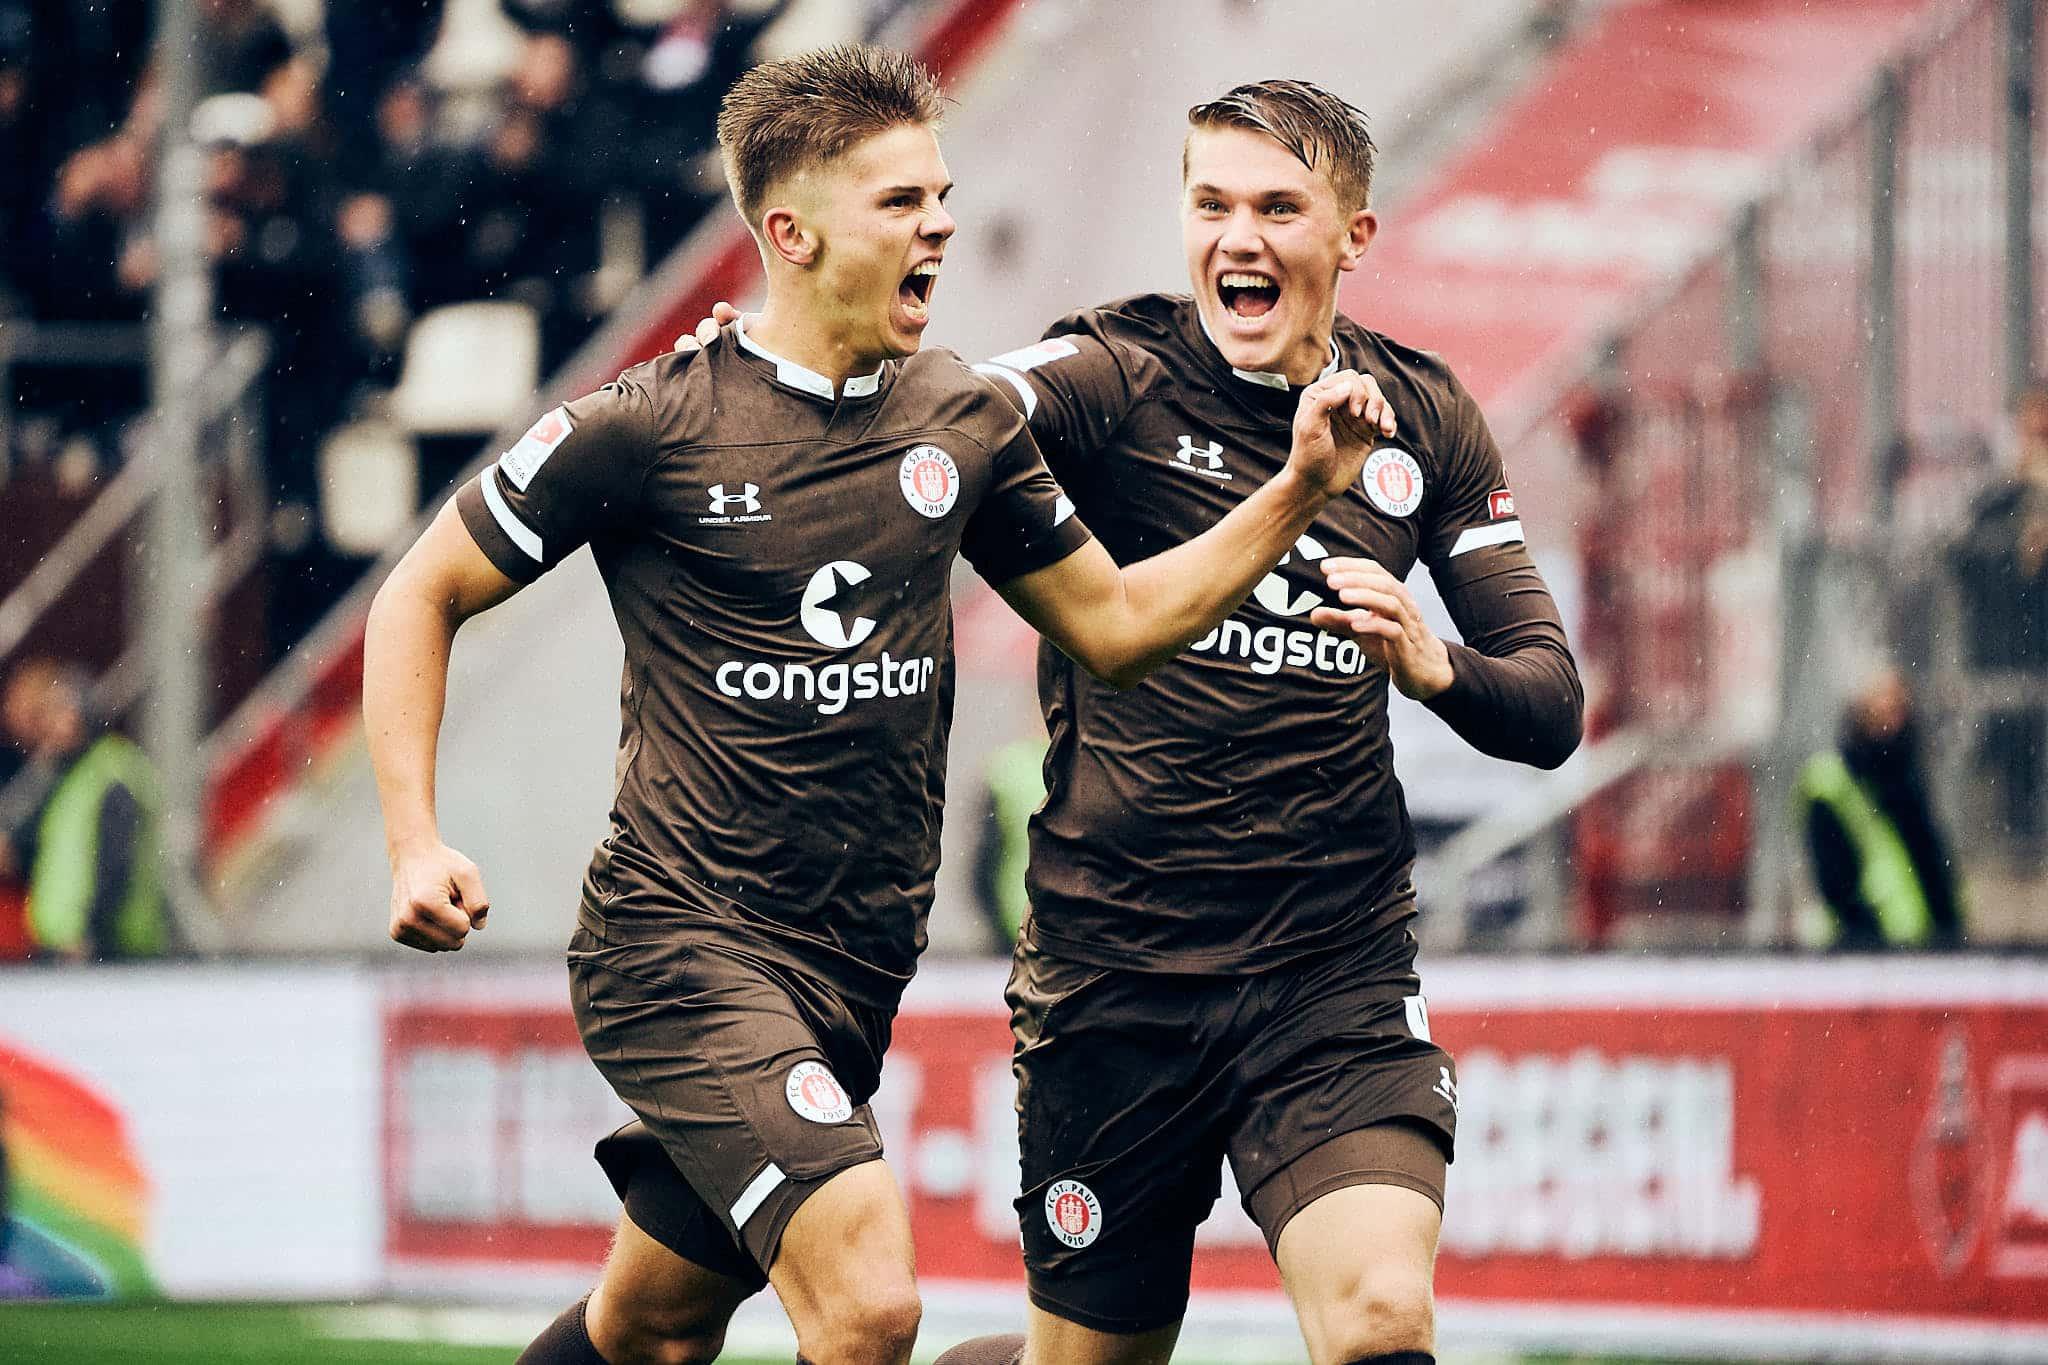 Nach dem Spiel – SV Sandhausen (H) – Spieltag 8 – Saison 2019/20